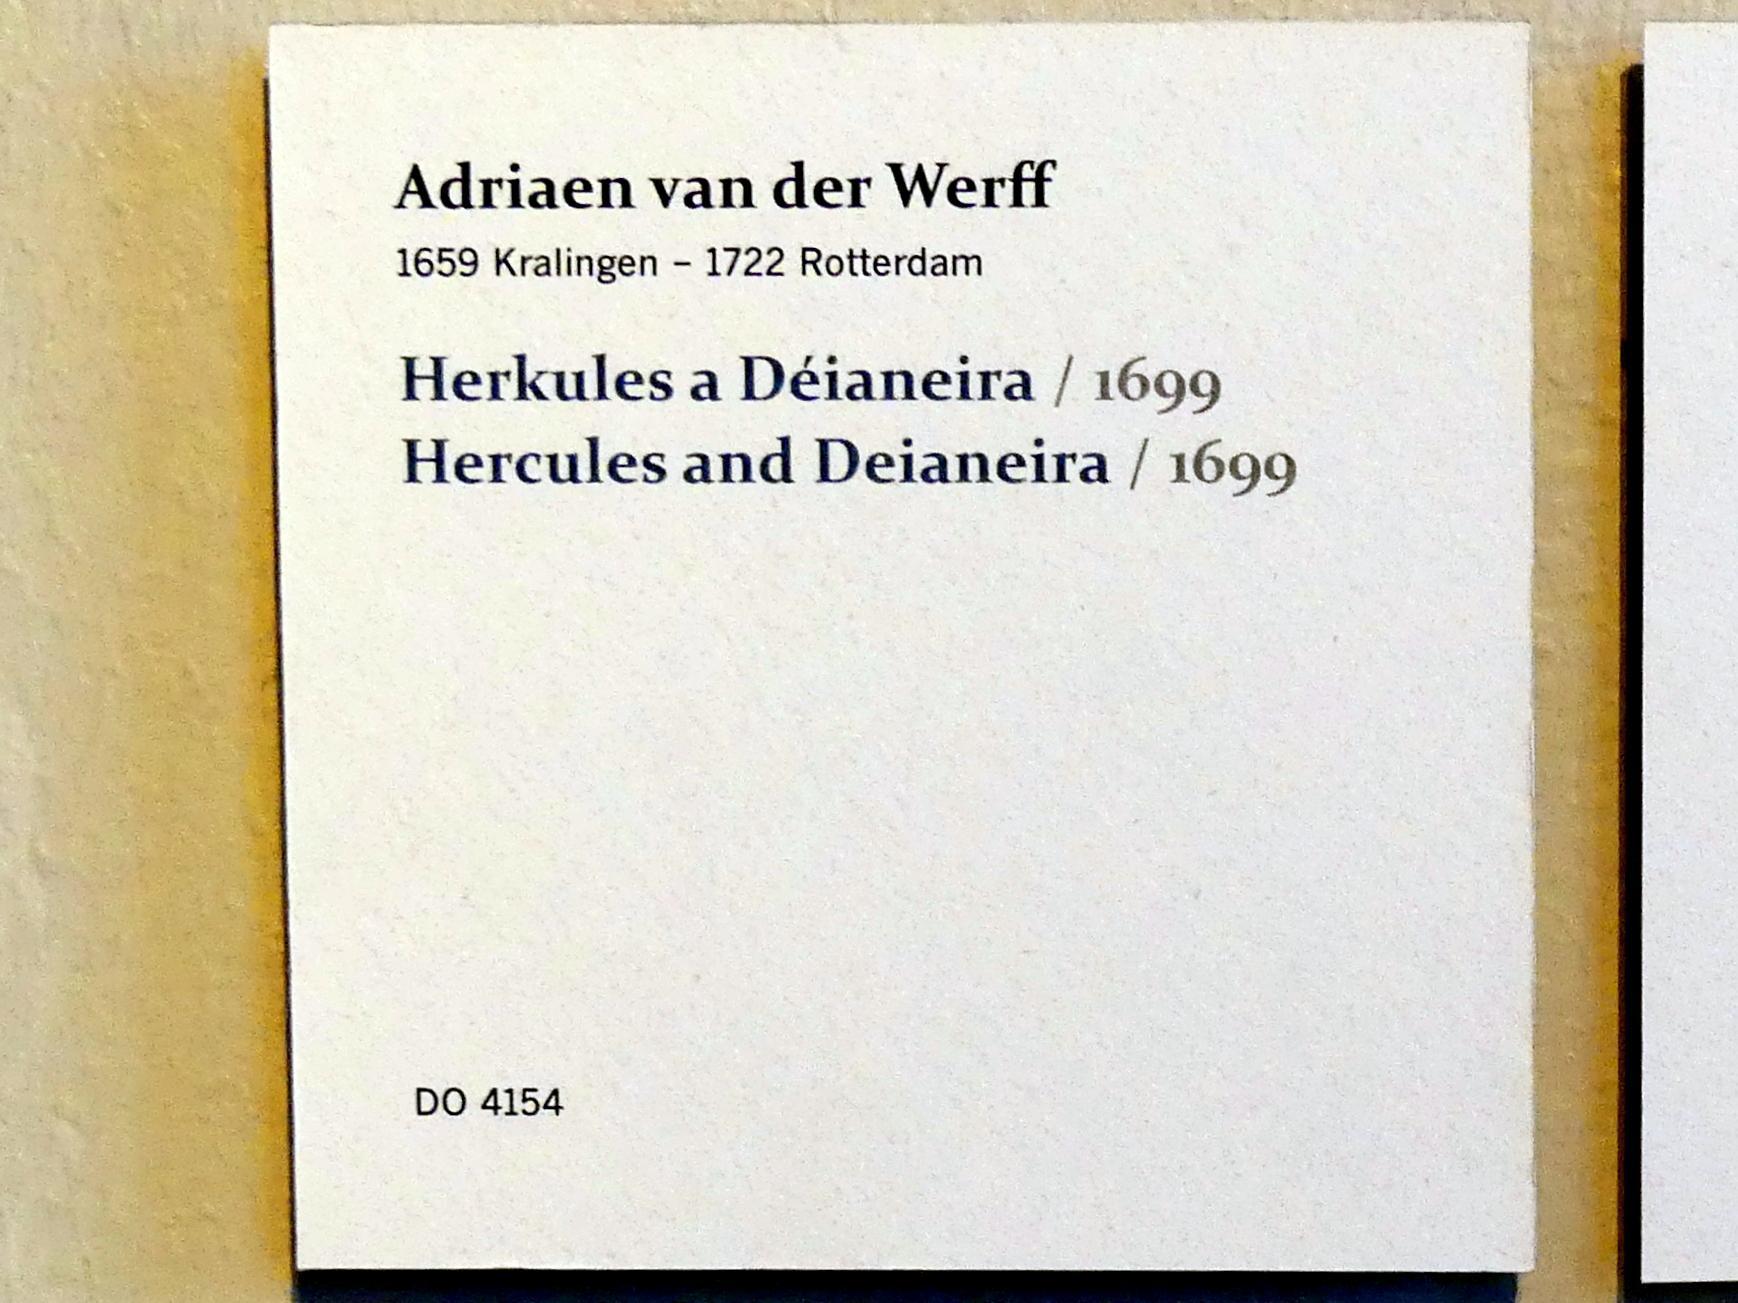 Adriaen van der Werff: Herkules und Deïaneira, 1699, Bild 2/2